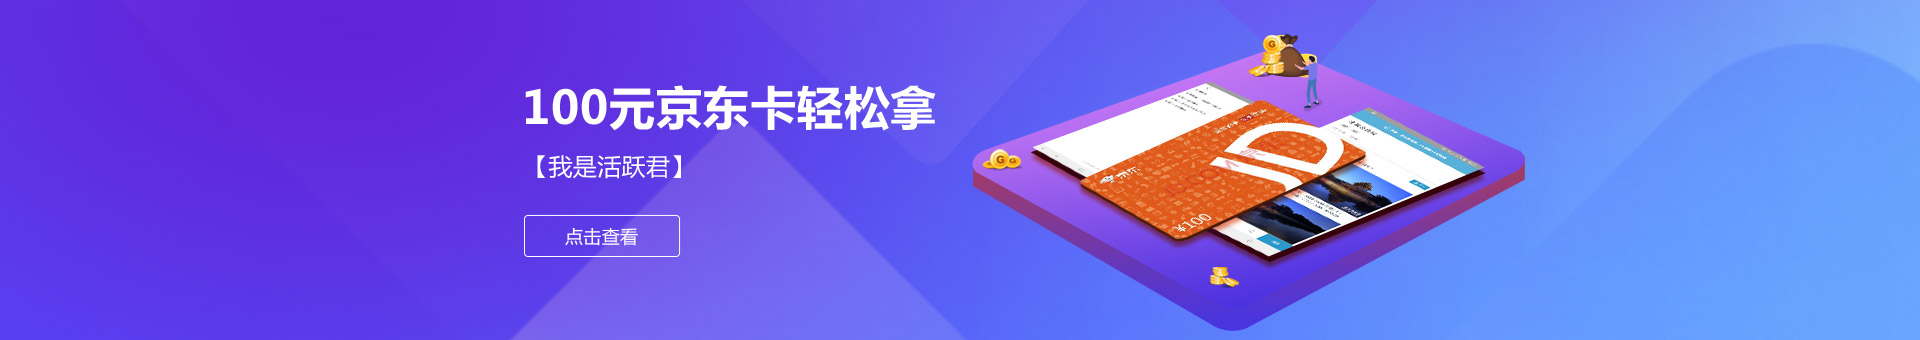 11月【我是活跃君】获奖名单公布